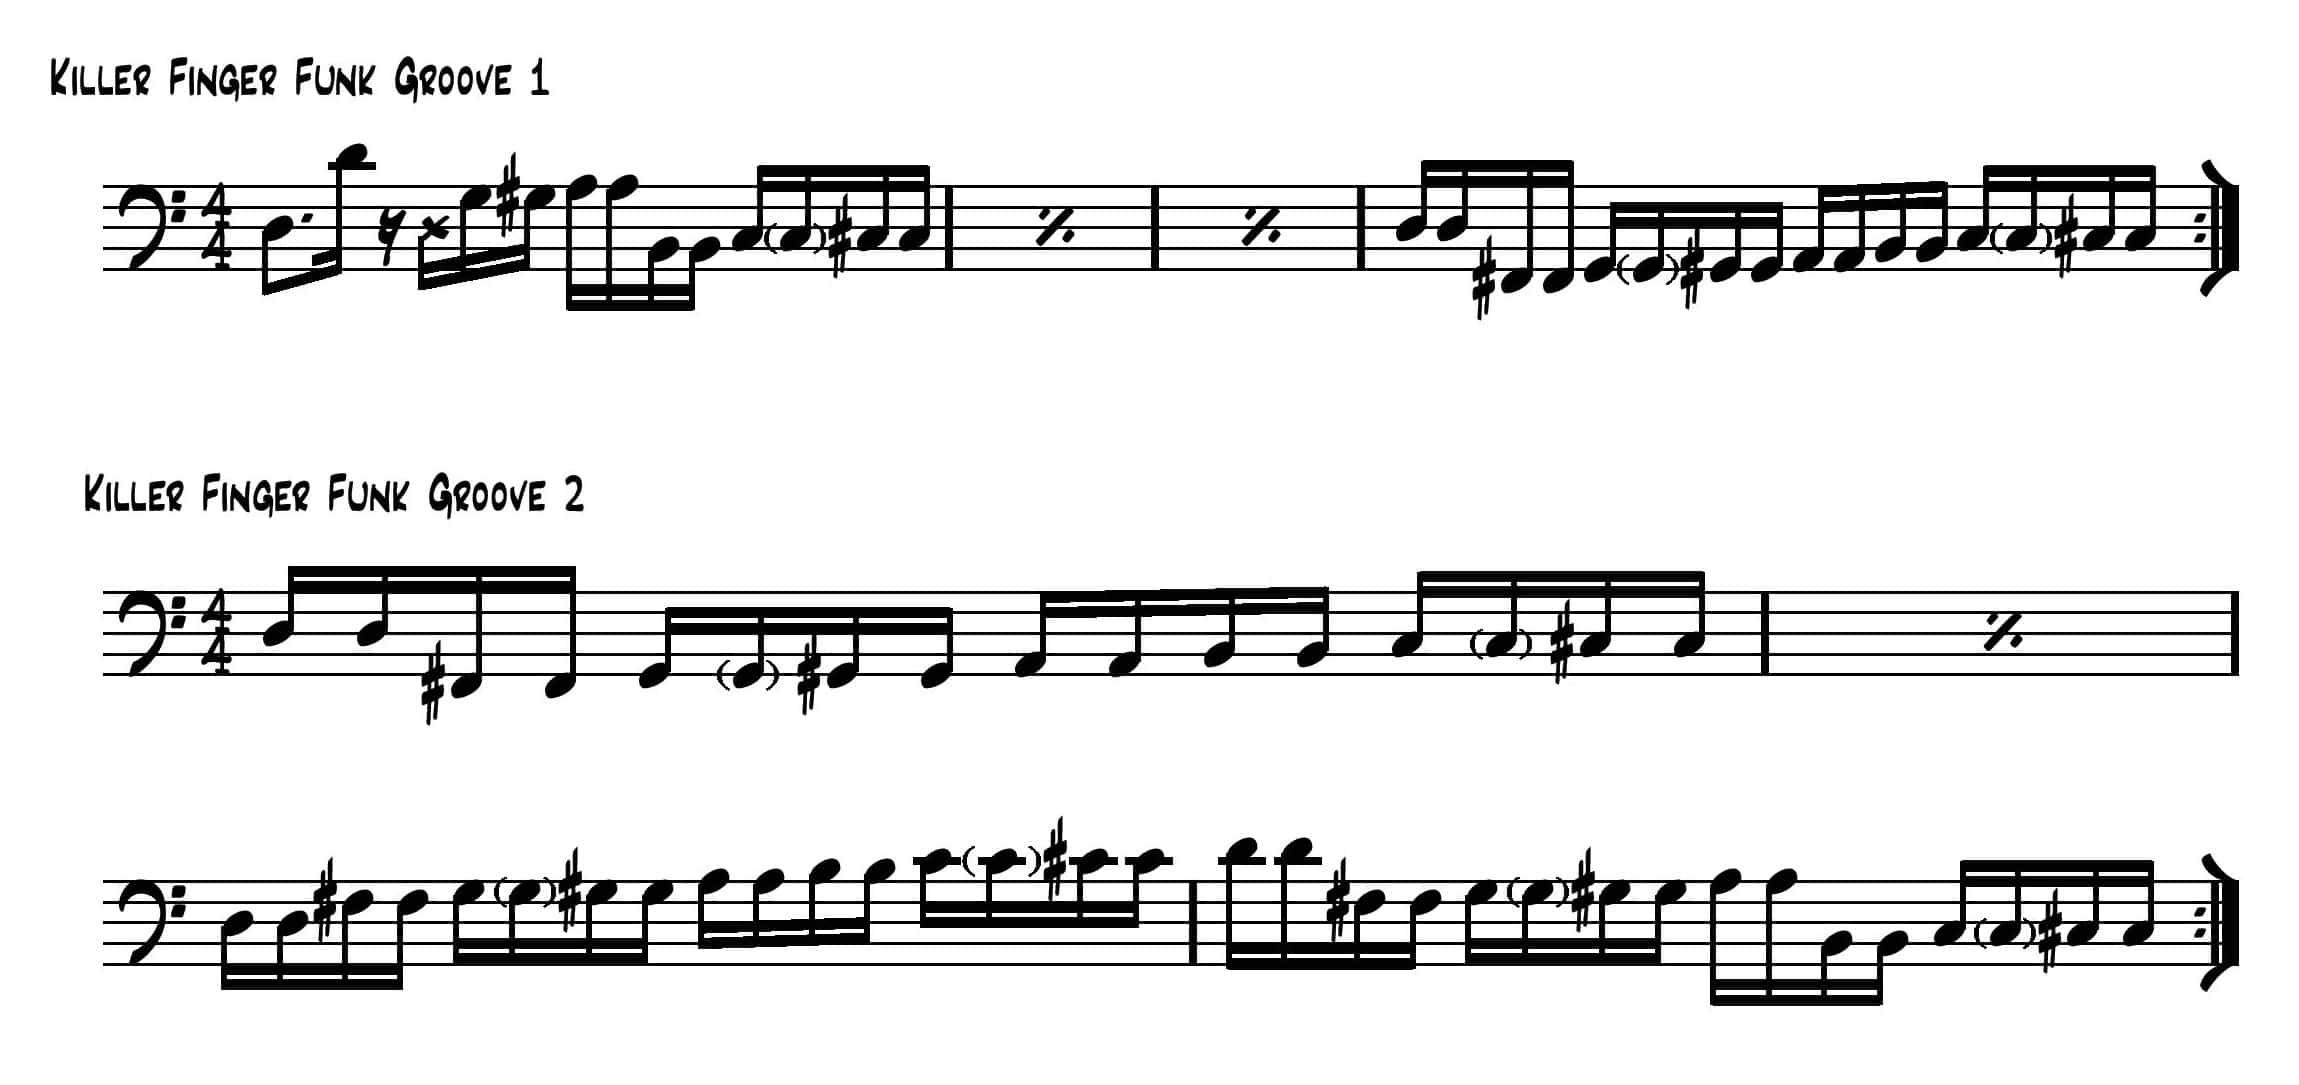 killer-finger-funk-grooves-1-2-full-score-page-001